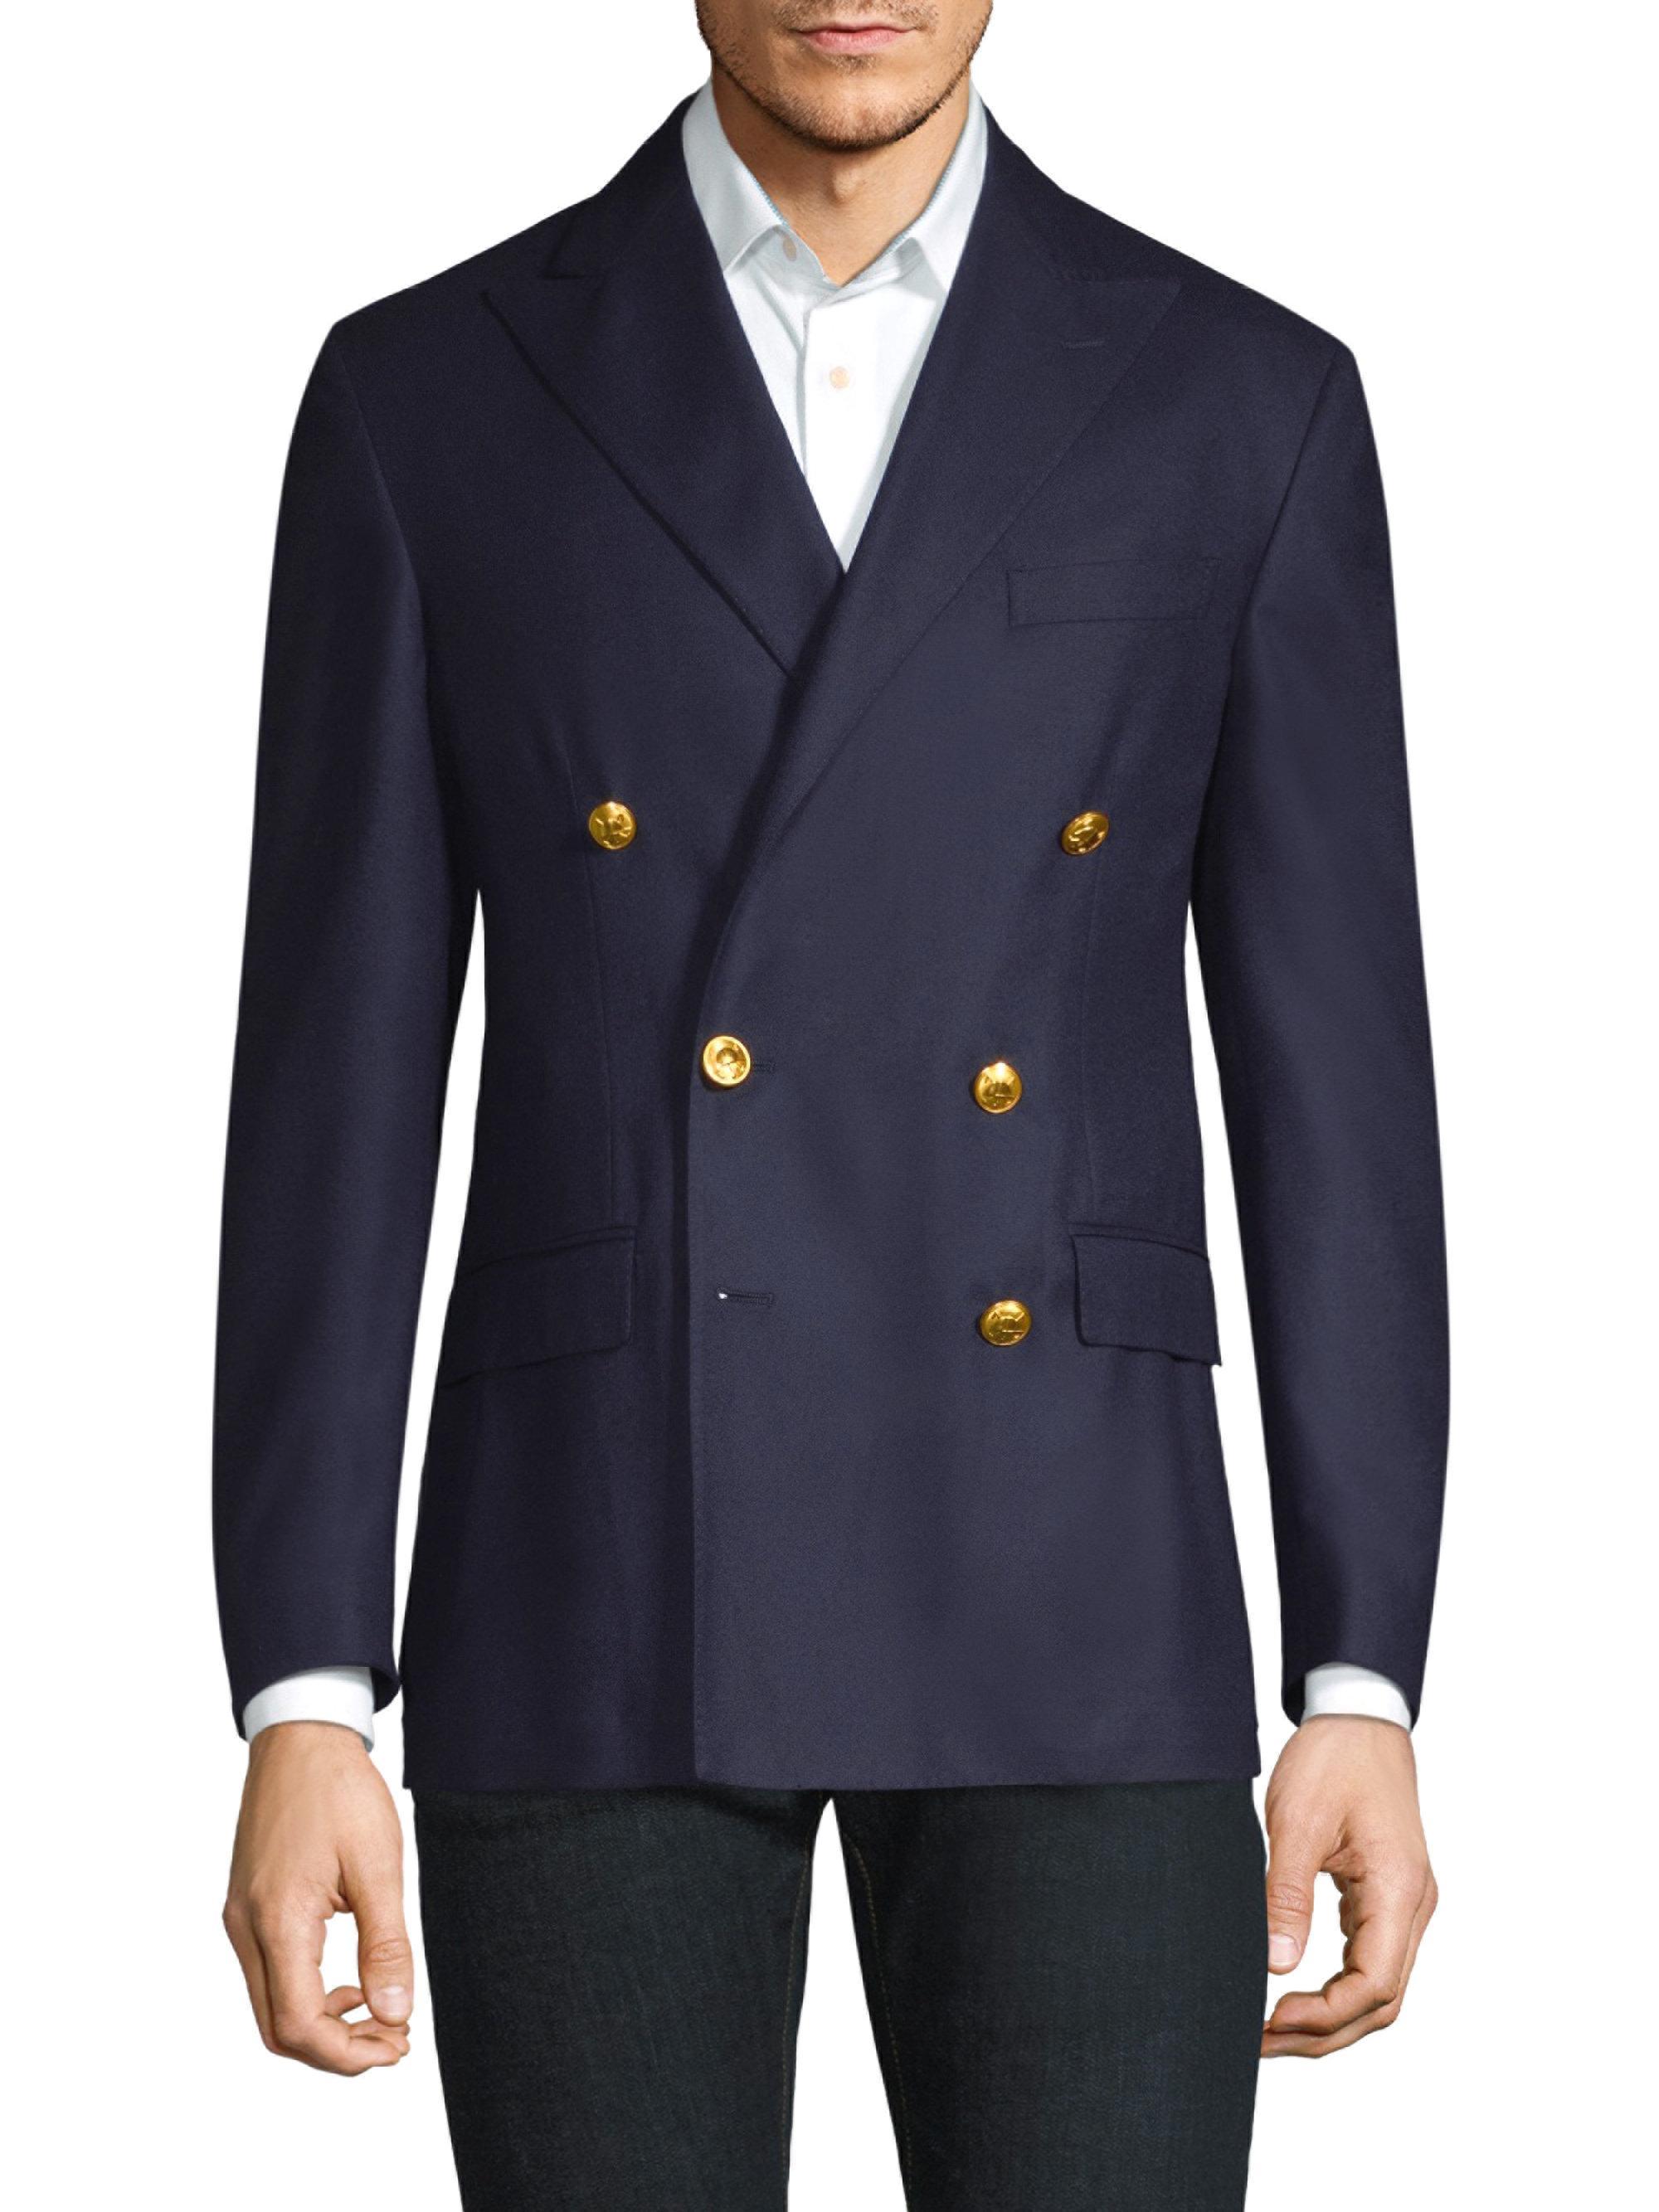 Polo Ralph Lauren Doeskin Wool Double Breasted Blazer In